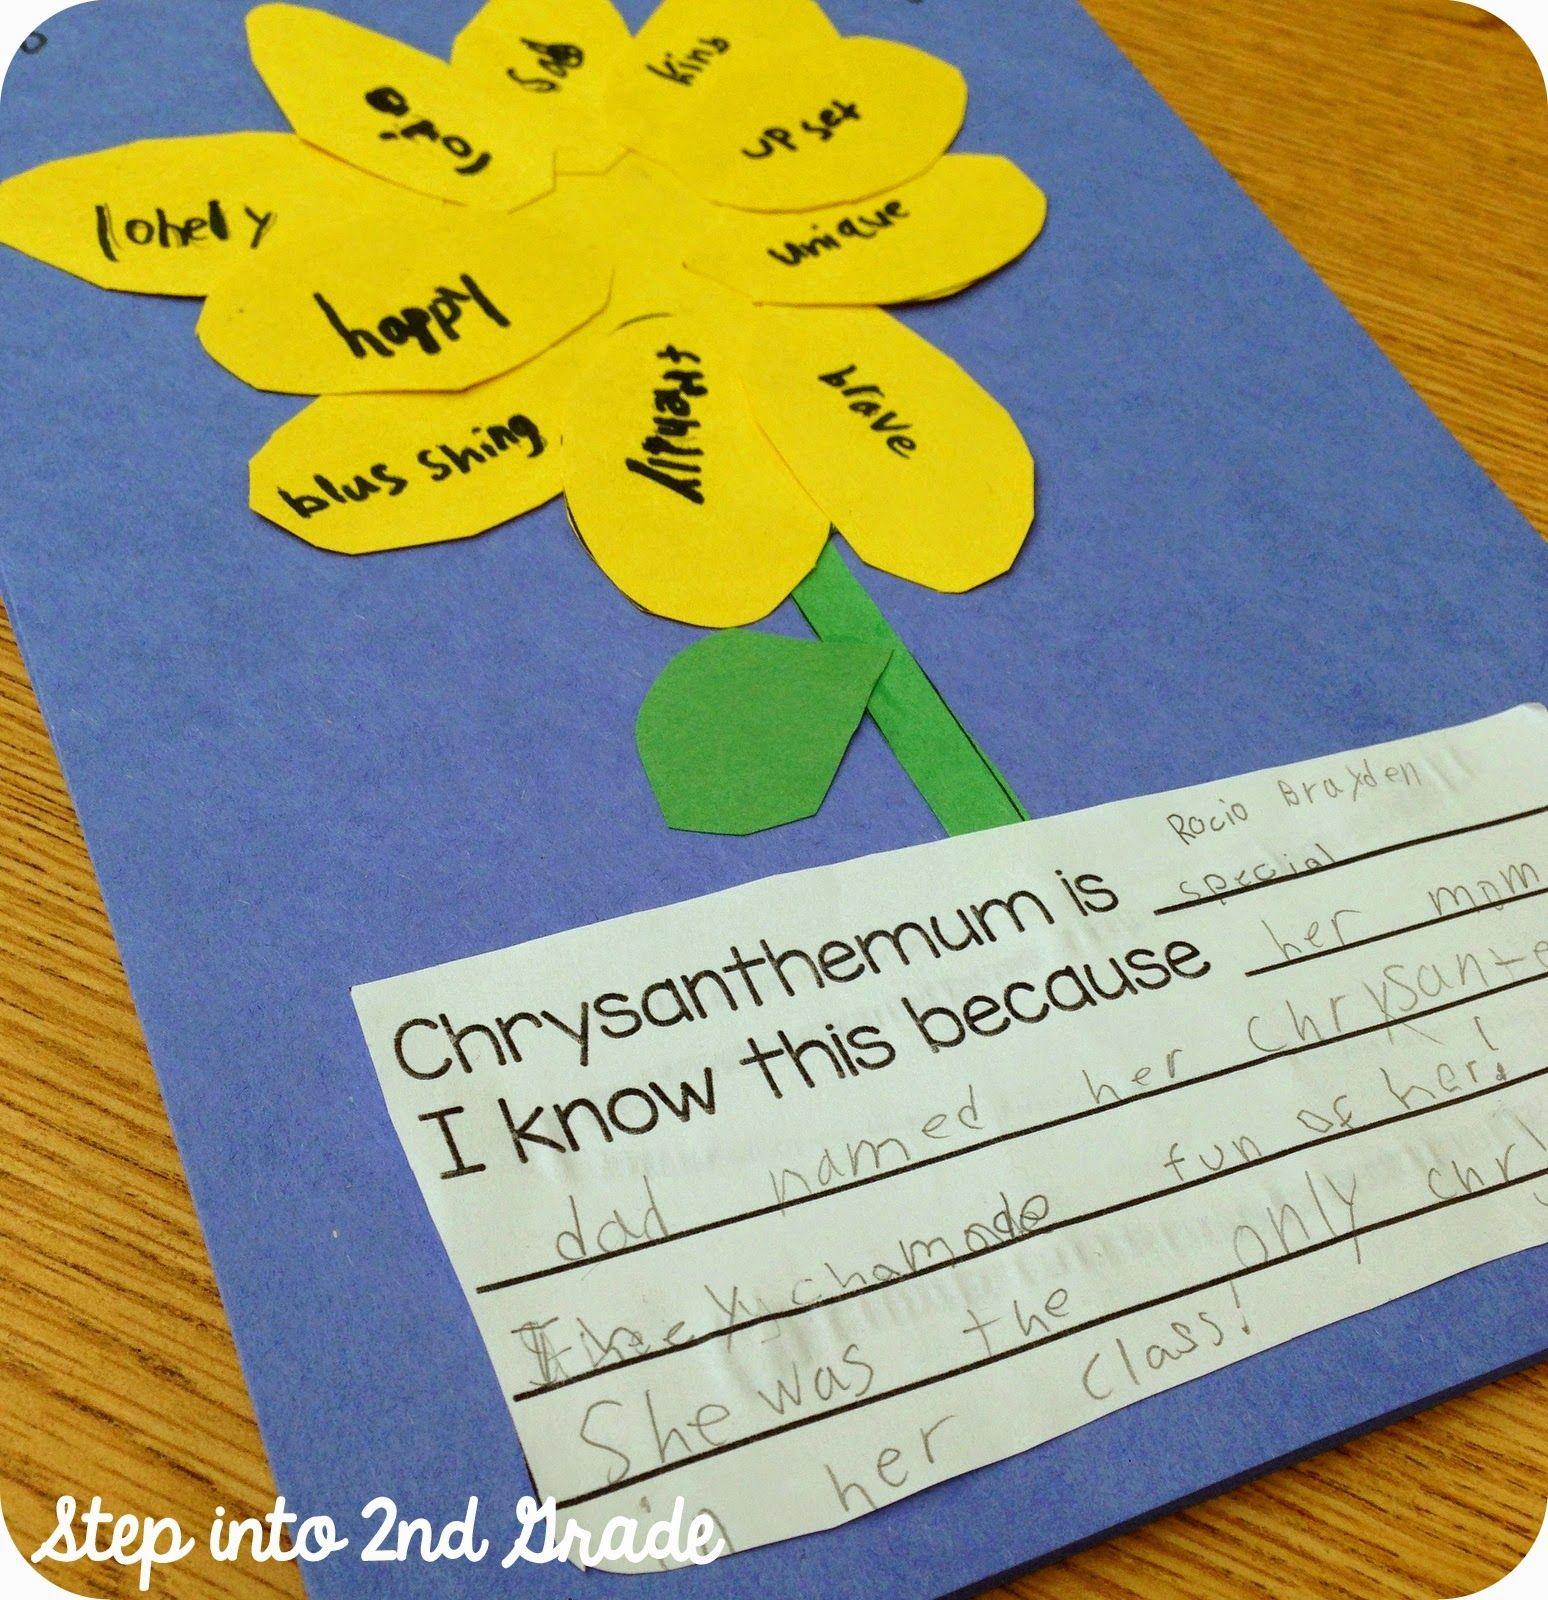 Chrysanthemum Chrysanthemum Chrysanthemum 1st Grade Books Chrysanthemum First Grade Classroom